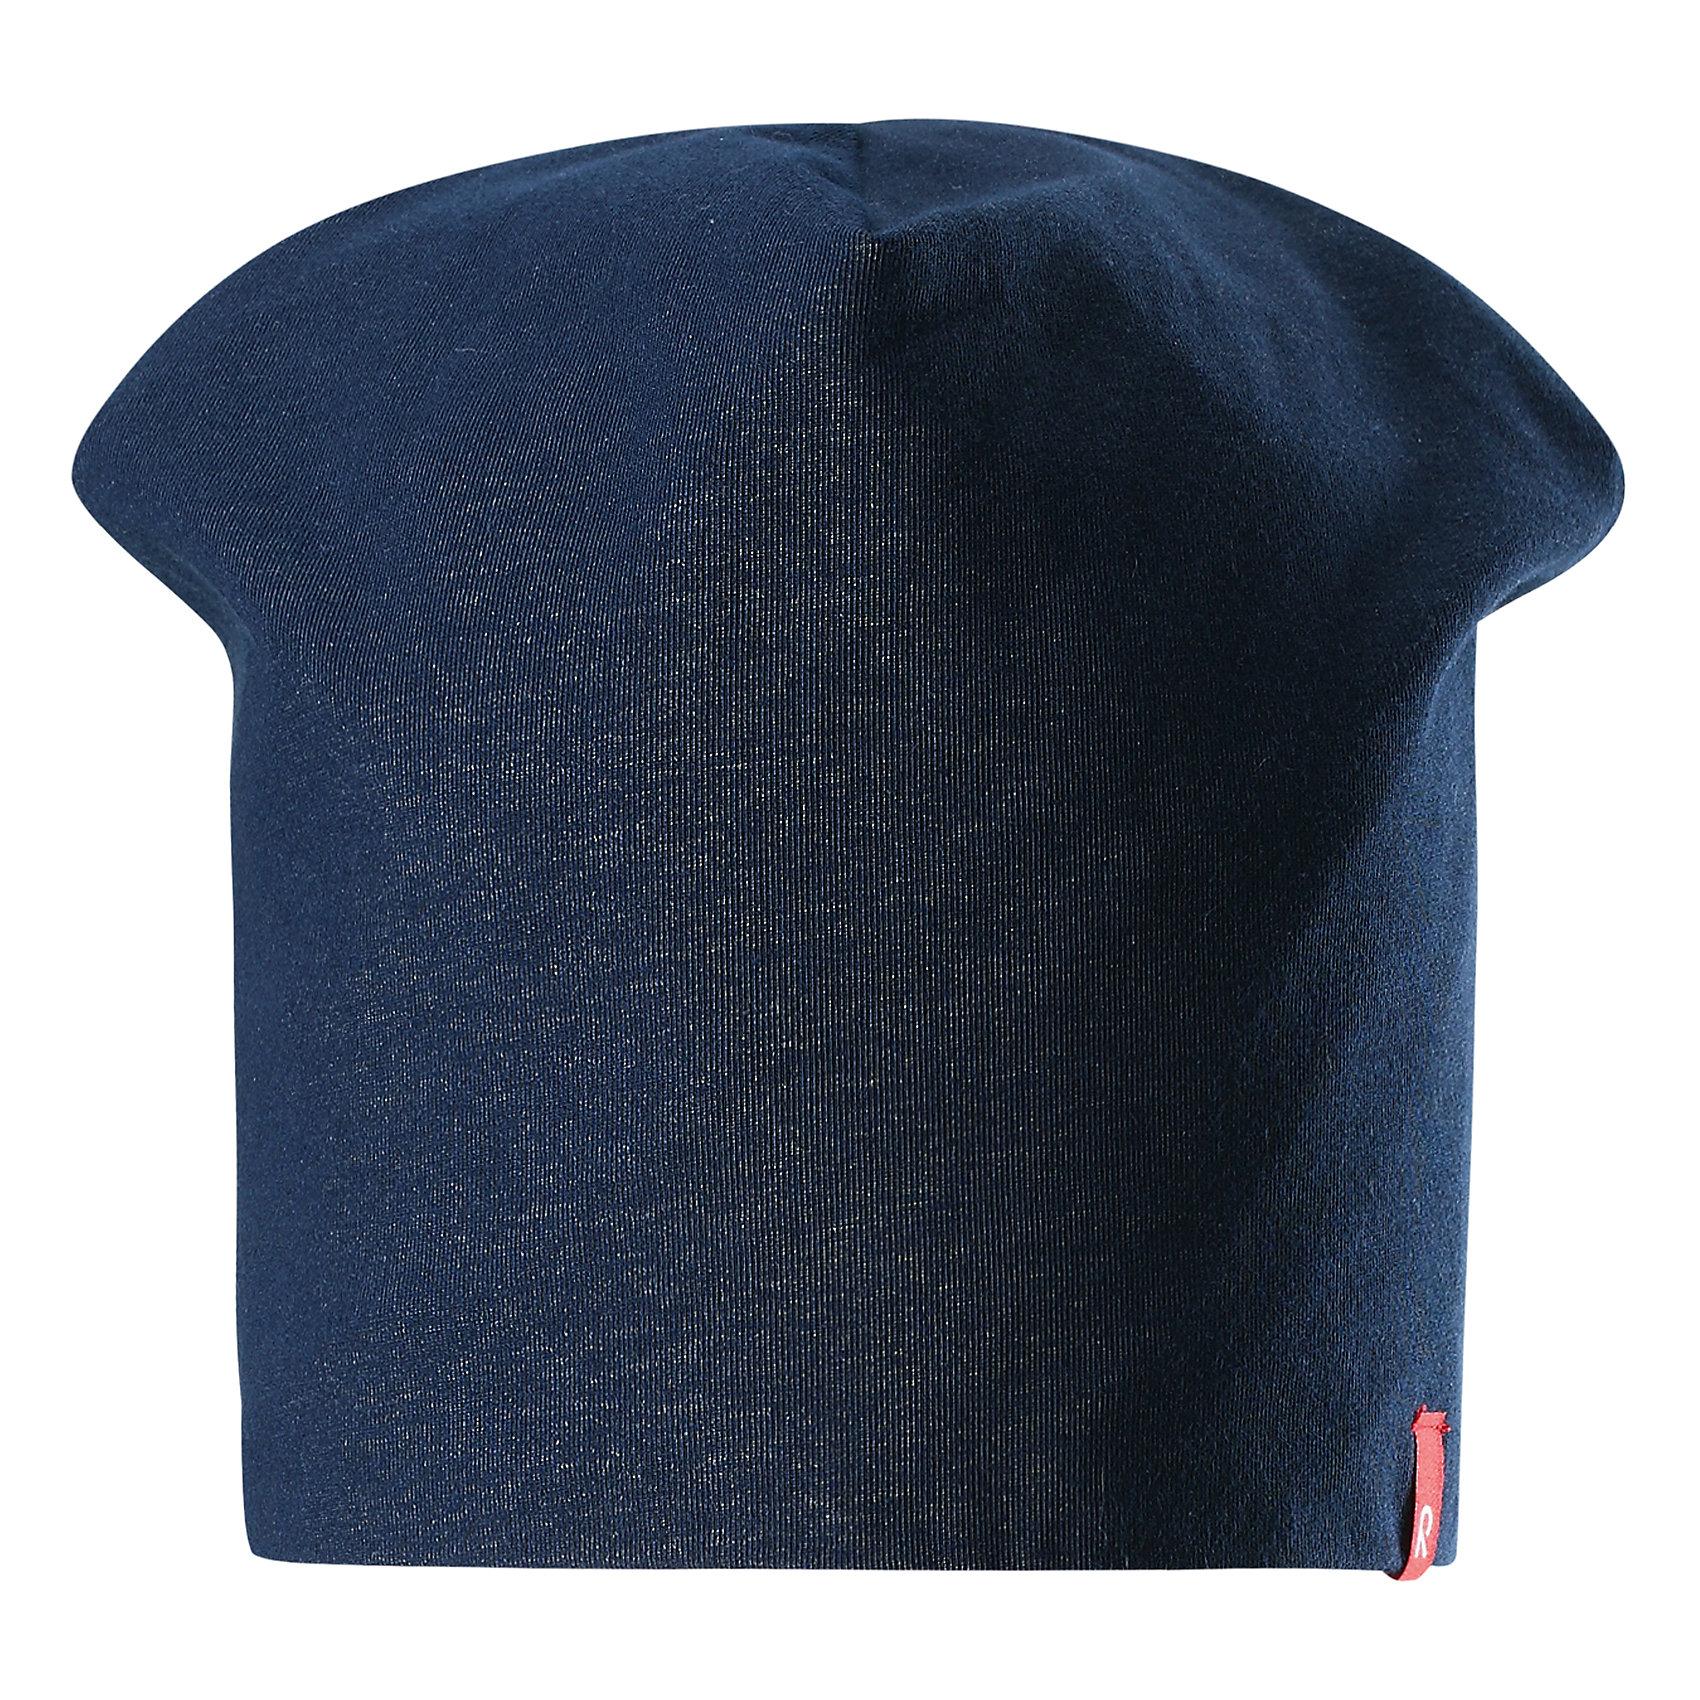 Шапка Lautta ReimaШапки и шарфы<br>Характеристики товара:<br><br>• цвет: синий/красный<br>• быстросохнущий материал<br>• состав: 65% хлопок, 30% полиэстер, 5% эластан<br>• эластичный материал<br>• двухсторонняя<br>• подкладка: отводящий влагу материал Play Jersey<br>• декоративный логотип<br>• фактор защиты от ультрафиолета: 40+<br>• комфортная посадка<br>• страна производства: Китай<br>• страна бренда: Финляндия<br>• коллекция: весна-лето 2017<br><br>Детский головной убор может быть модным и удобным одновременно! Стильная шапка поможет обеспечить ребенку комфорт и дополнить наряд. Она отлично смотрится с различной одеждой. Шапка удобно сидит и аккуратно выглядит. Проста в уходе, долго служит. Стильный дизайн разрабатывался специально для детей. Отличная защита от солнца!<br><br>Одежда и обувь от финского бренда Reima пользуется популярностью во многих странах. Эти изделия стильные, качественные и удобные. Для производства продукции используются только безопасные, проверенные материалы и фурнитура. Порадуйте ребенка модными и красивыми вещами от Reima! <br><br>Шапку от финского бренда Reima (Рейма) можно купить в нашем интернет-магазине.<br><br>Ширина мм: 89<br>Глубина мм: 117<br>Высота мм: 44<br>Вес г: 155<br>Цвет: синий<br>Возраст от месяцев: 48<br>Возраст до месяцев: 84<br>Пол: Унисекс<br>Возраст: Детский<br>Размер: 54,50<br>SKU: 5267928